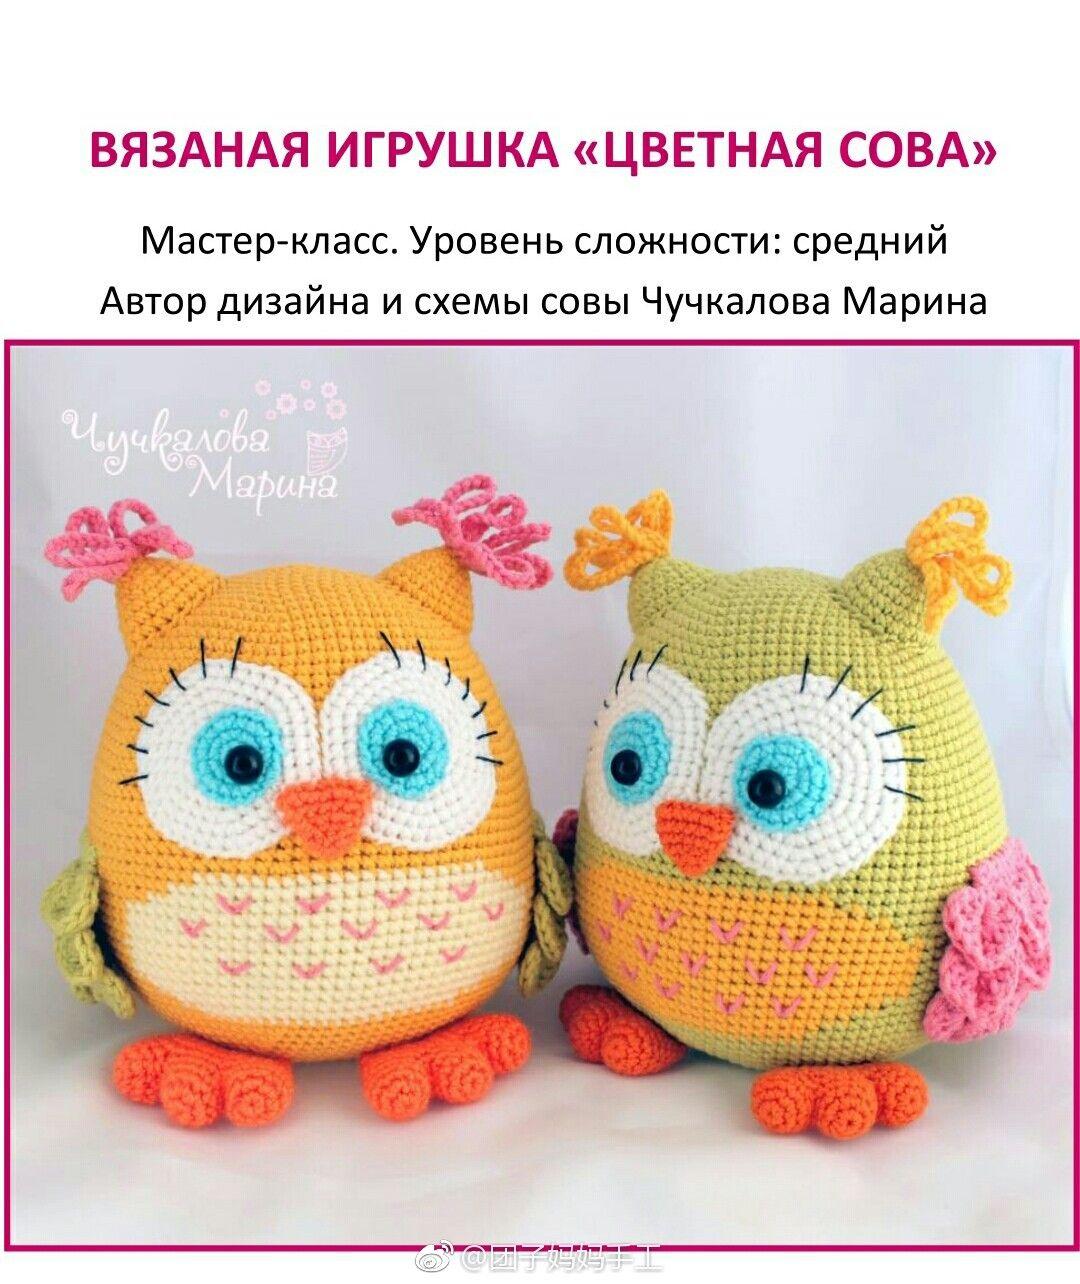 Pin de andrea en crochet | Pinterest | Llaveros, Colchas y Tejido